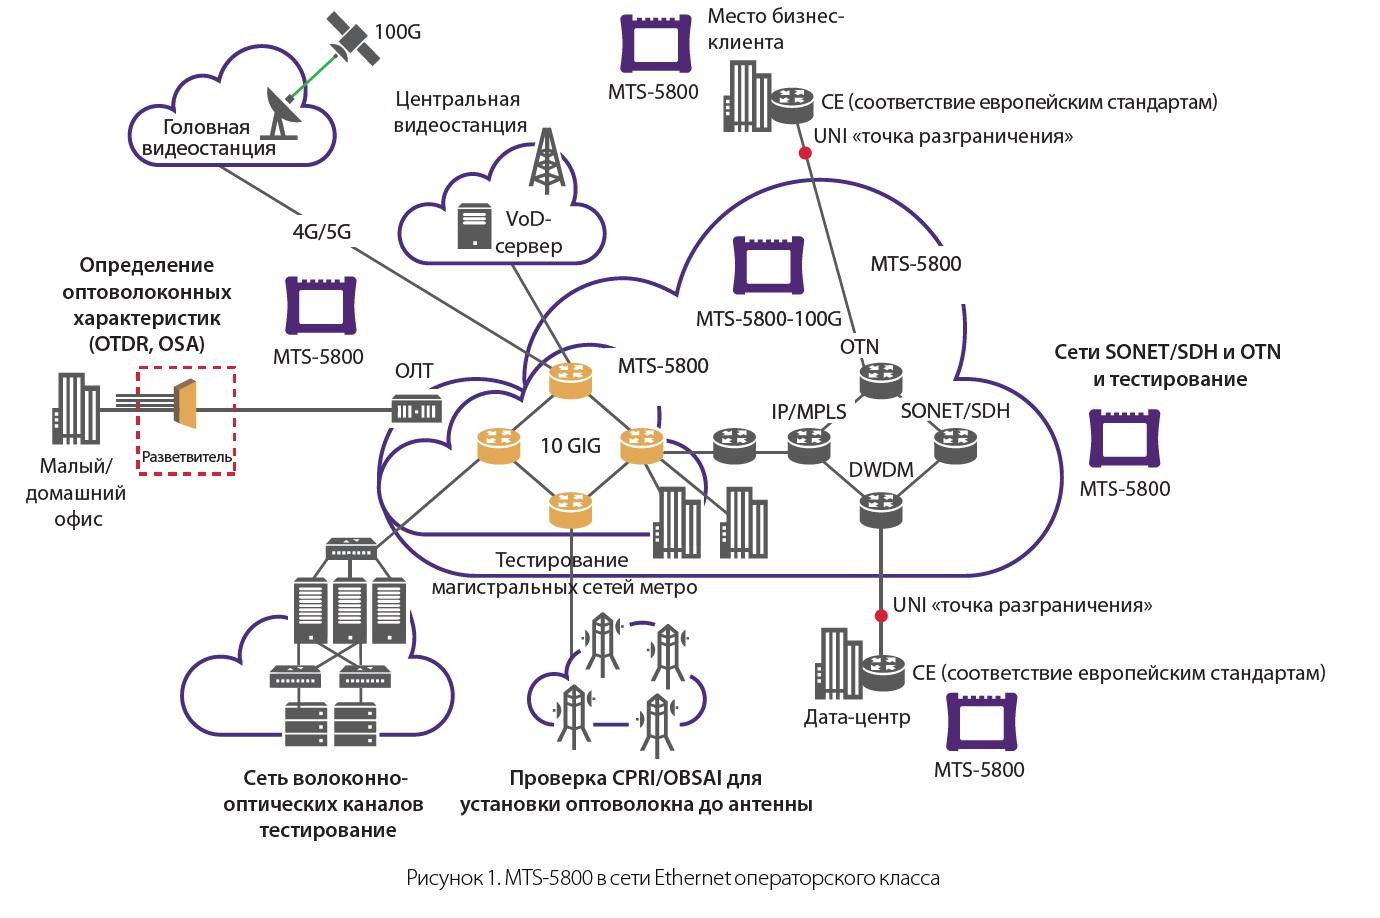 Cхема сети